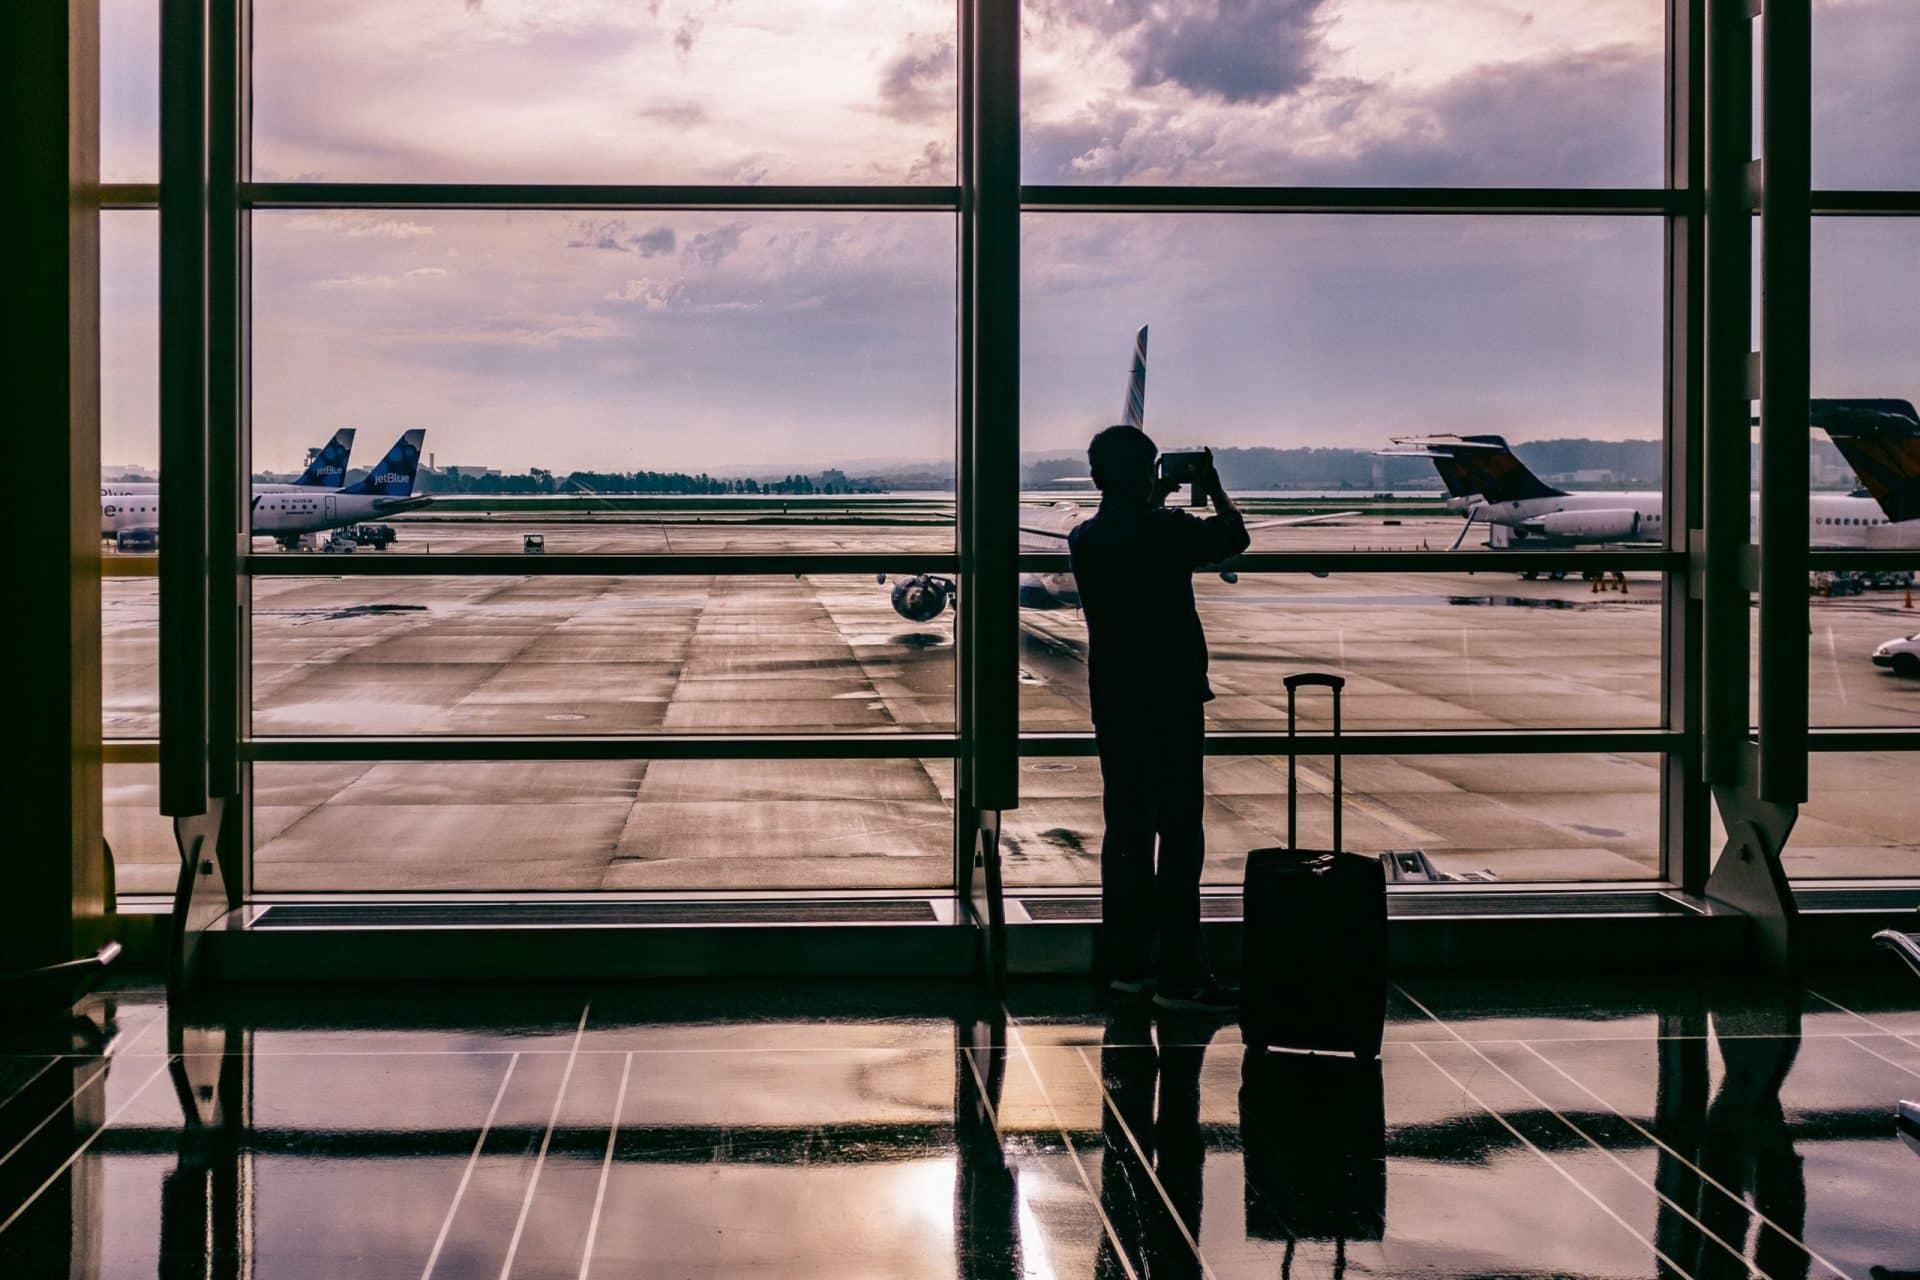 Airport view - ASL image